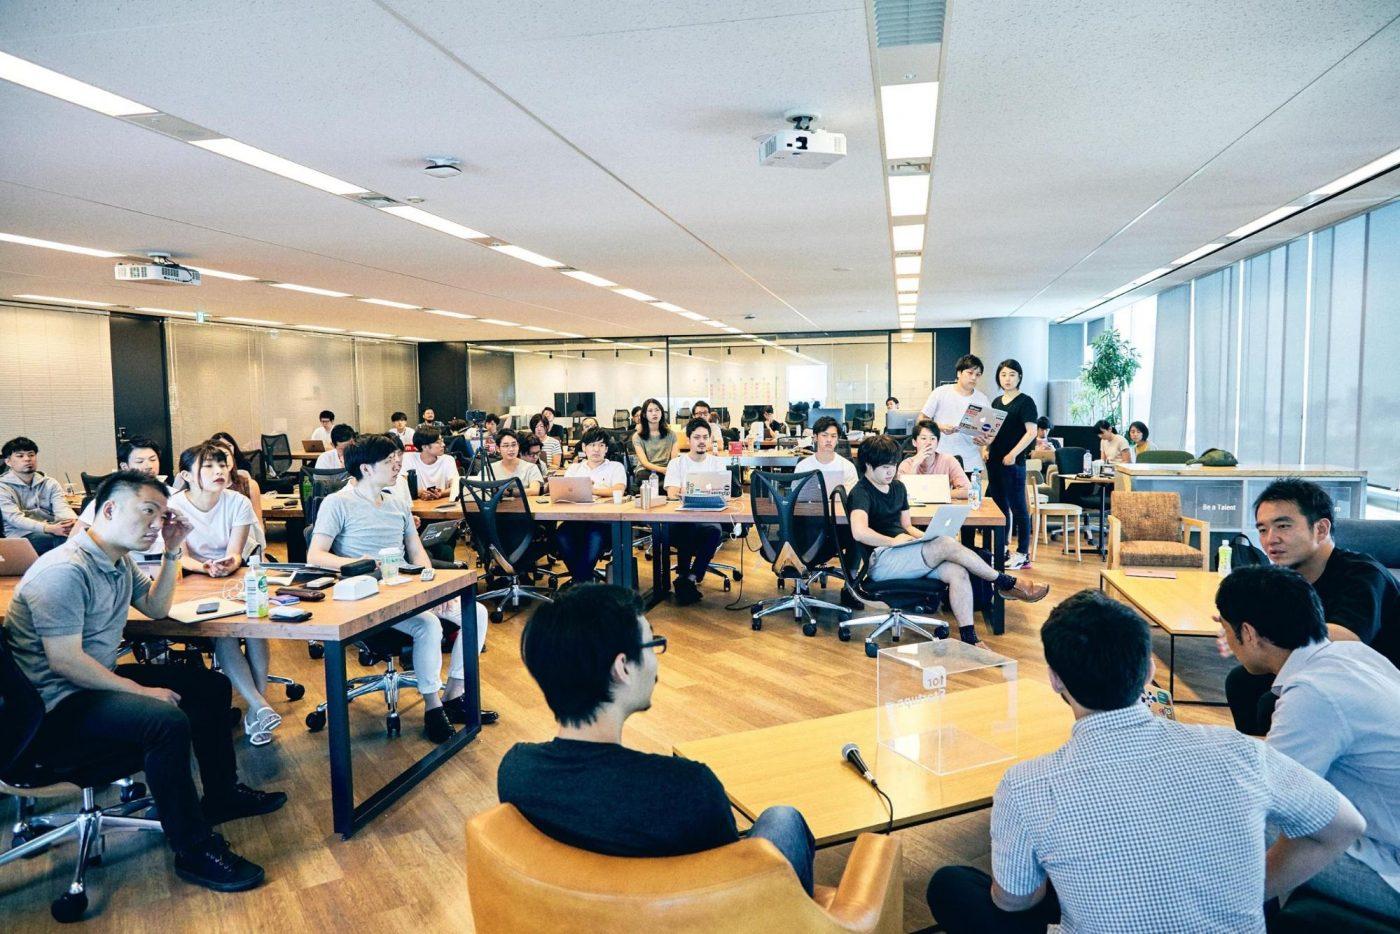 ここからは、勉強会の参加者であるfor Startupsメンバーから挙がった質問に答える時間に。勉強会内で取り上げられた6つの質問について、順番に掲載する。 Q . 日本のスタートアップは製品の値付けが上手ではないと感じる。先に安値で展開してマーケティングする企業が多い中、どのように価格設定を工夫しているのか? 宮田 「僕もSmartHRをリリースしたばかりのとき、価格設定を安くしすぎたと感じることがありました。初期は、一企業の平均単価が数千円でしたから。ただ、ヒロさんからご紹介いただいたアメリカの投資家の方とお話する機会をいただいたときに『Slackも初期はそうだった』と教えてくれて。